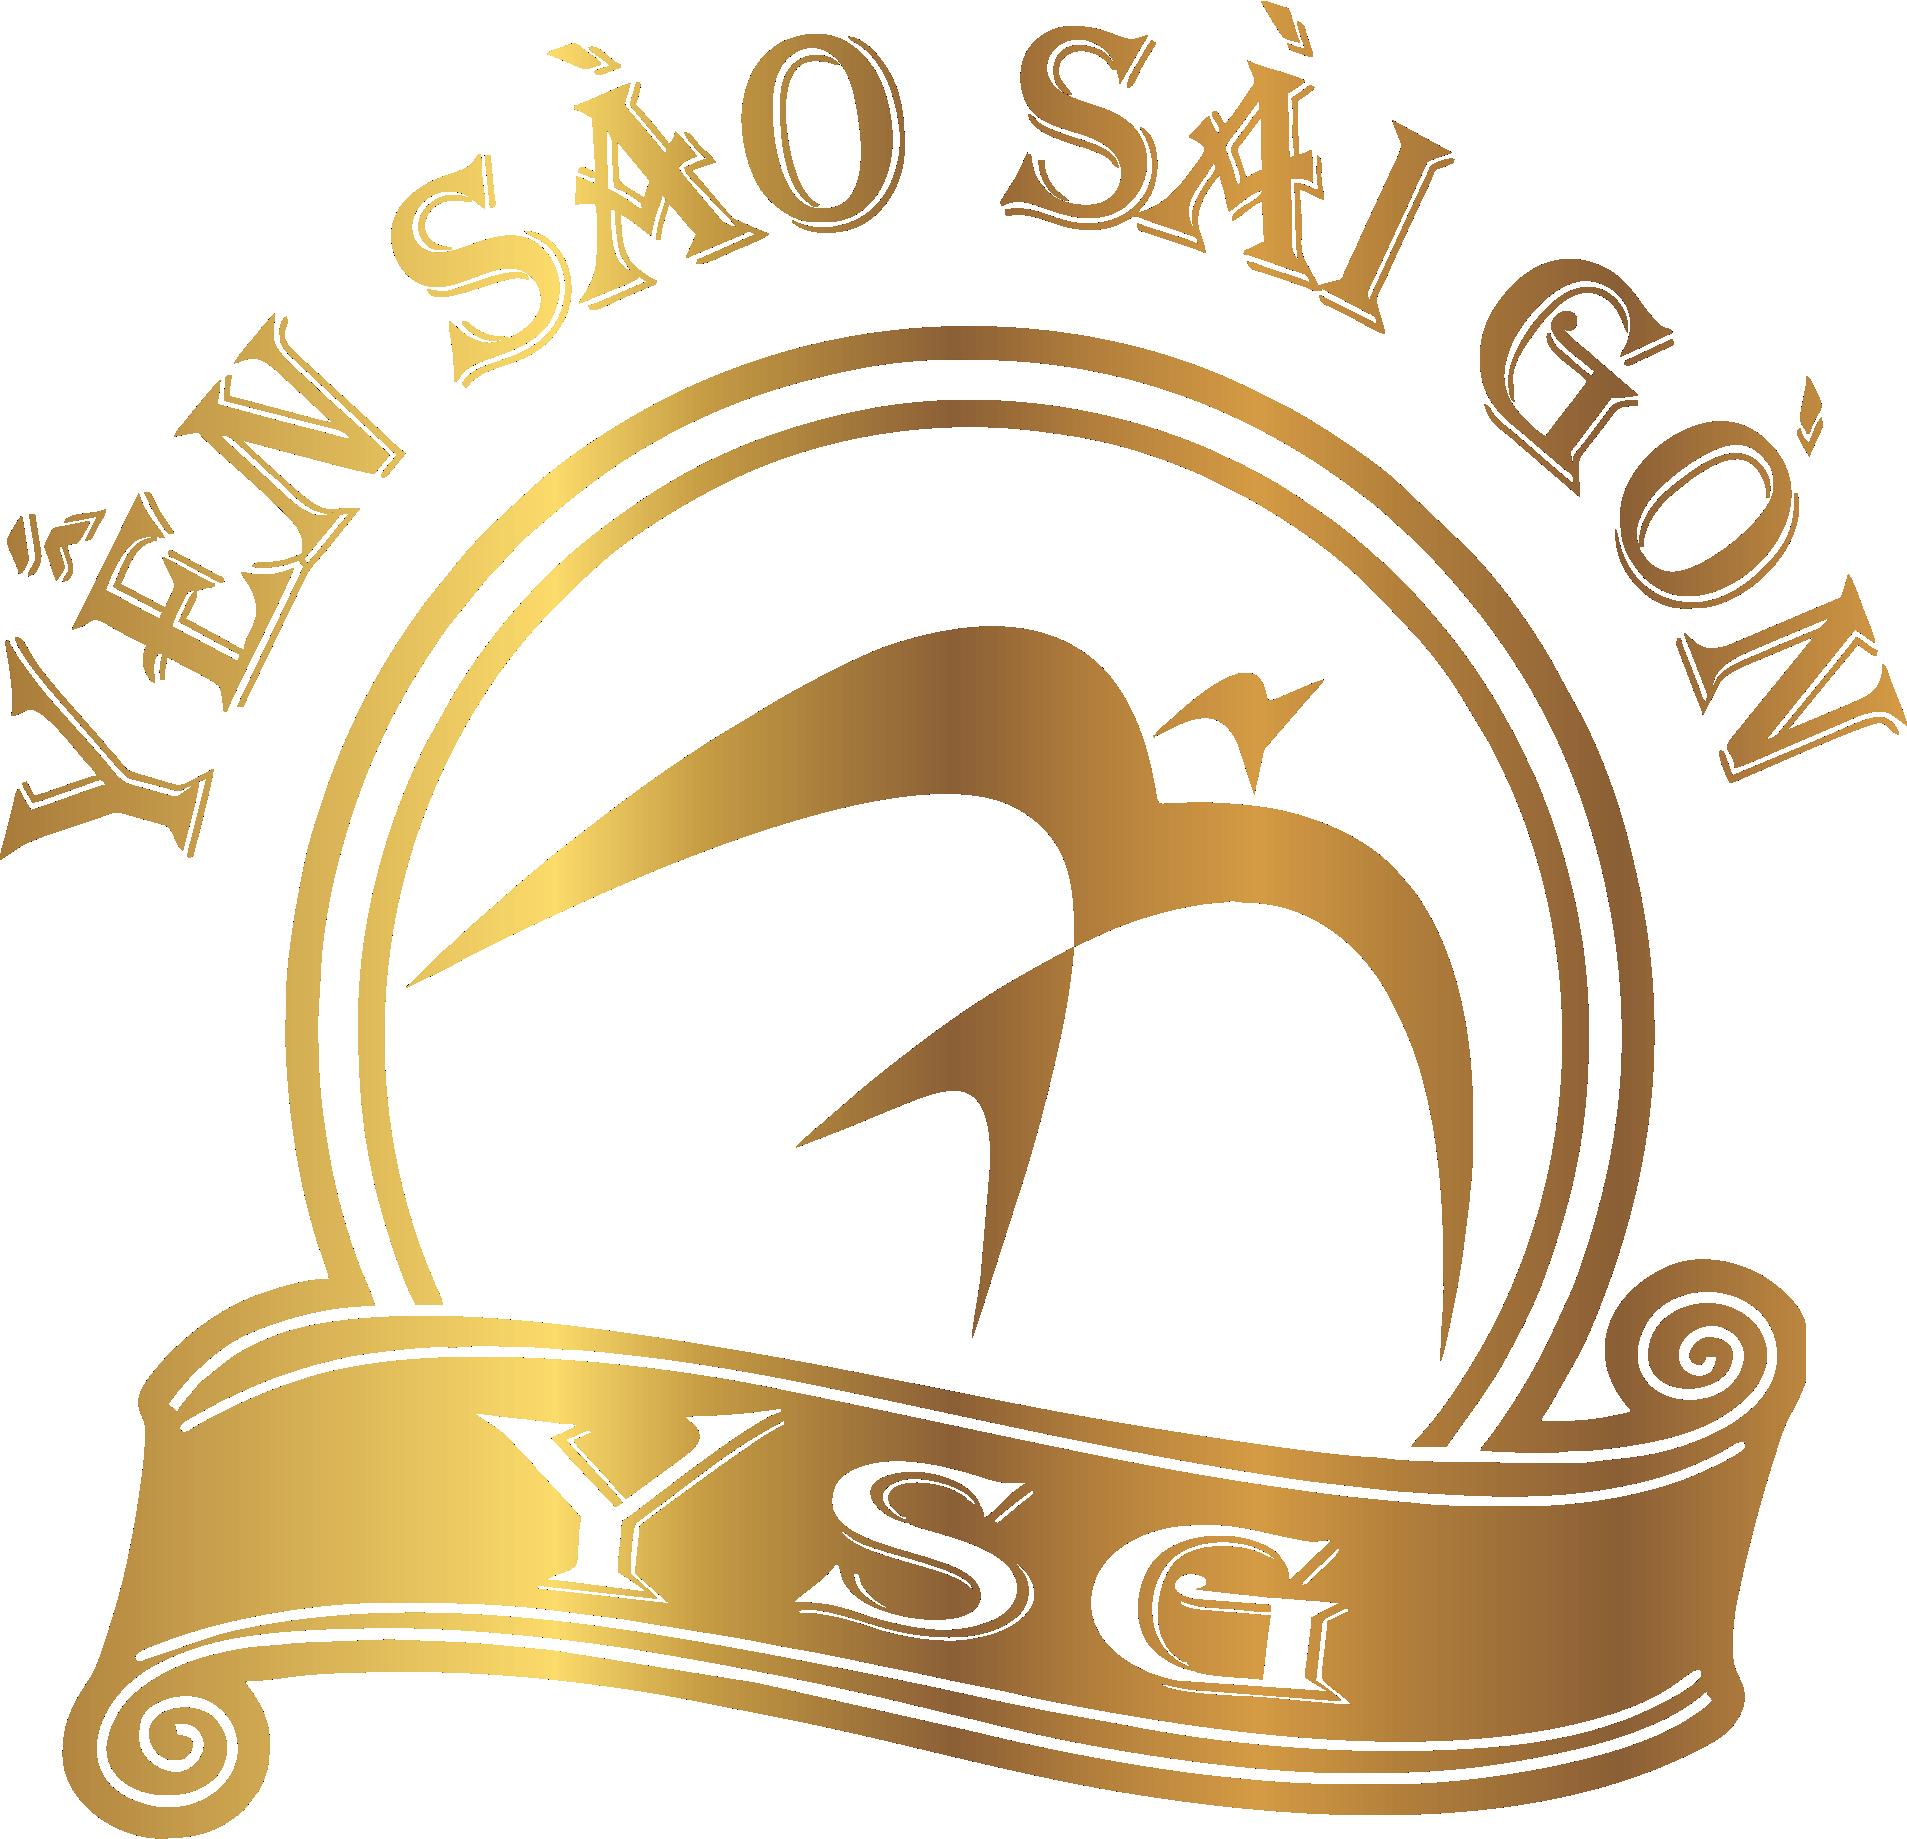 Yến Sào Sài Gòn: Chuyên cung cấp Yến Sào Uy Tín – Chất Lượng